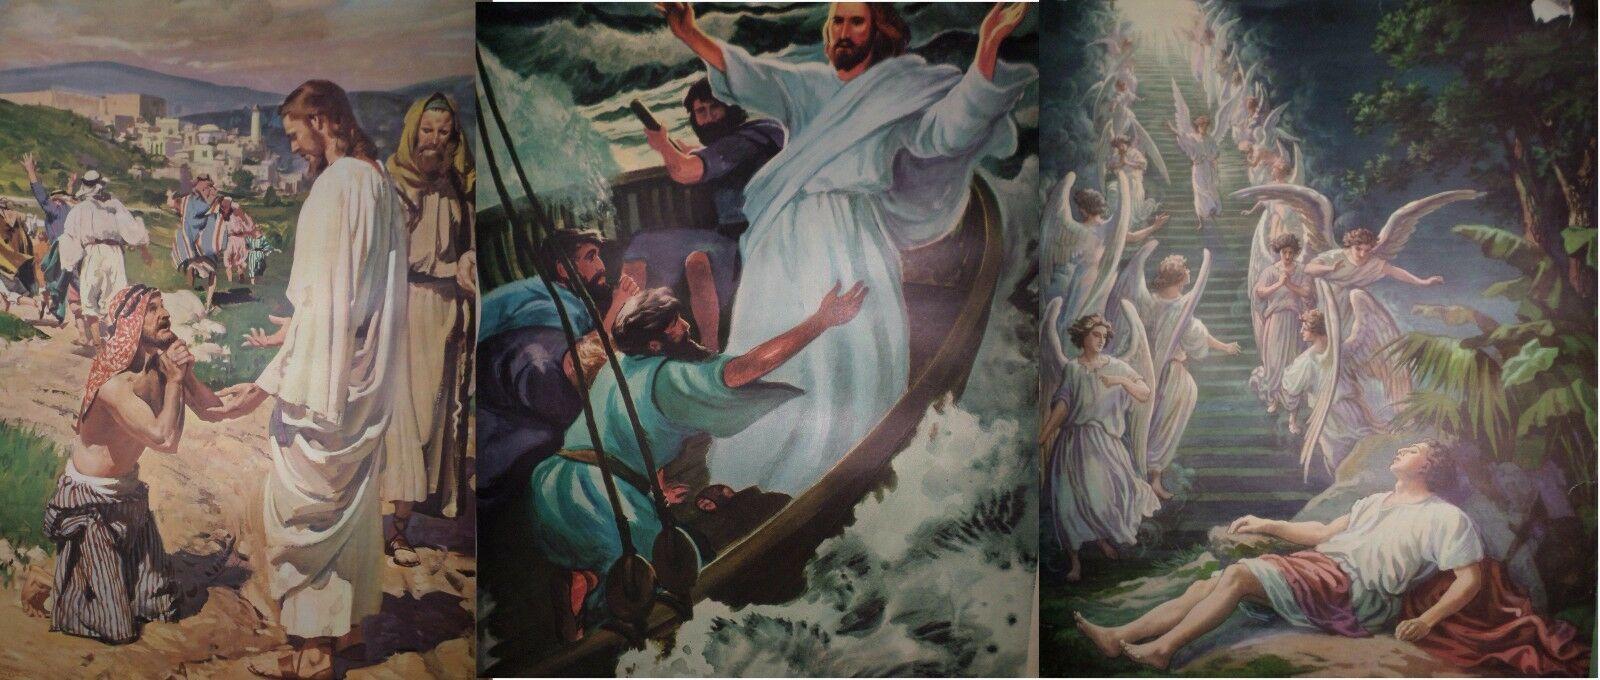 Vintage Religious Posters Church 50's 60's Jesus Bible Stories 18x24 15pcs  image 3